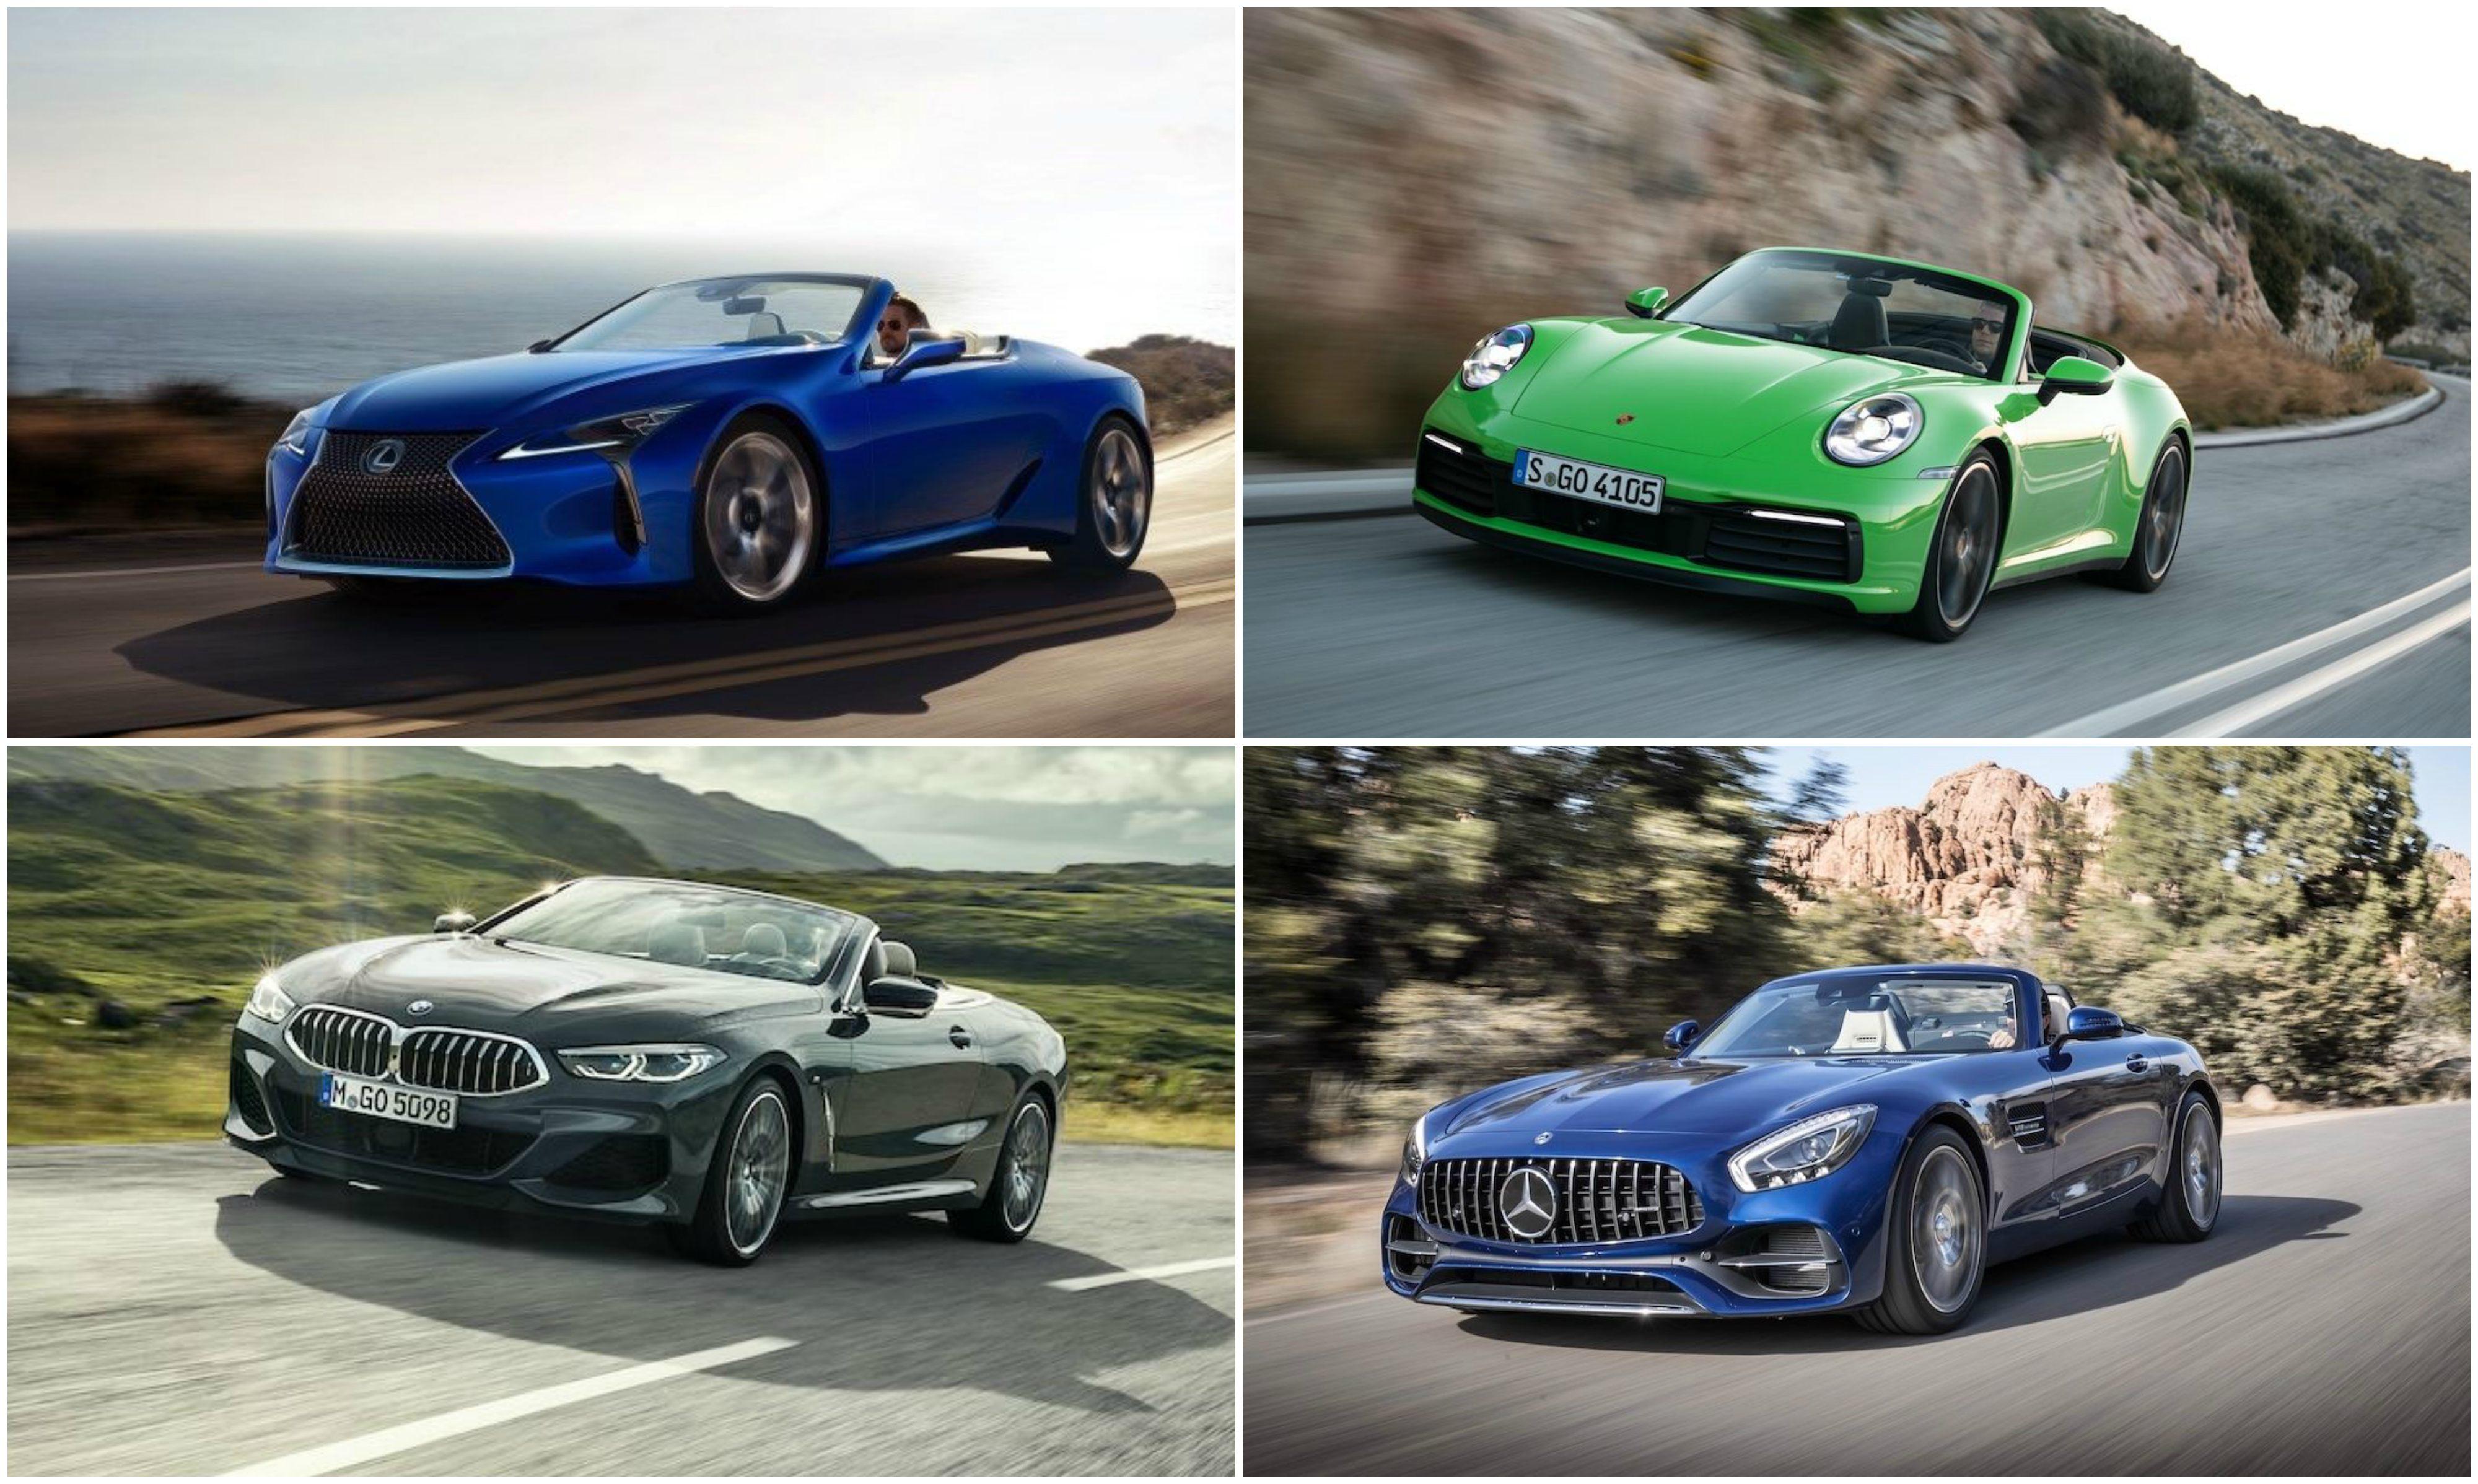 Pozrite si luxusné a hlavne rýchle kabriolety, dostupné u nás